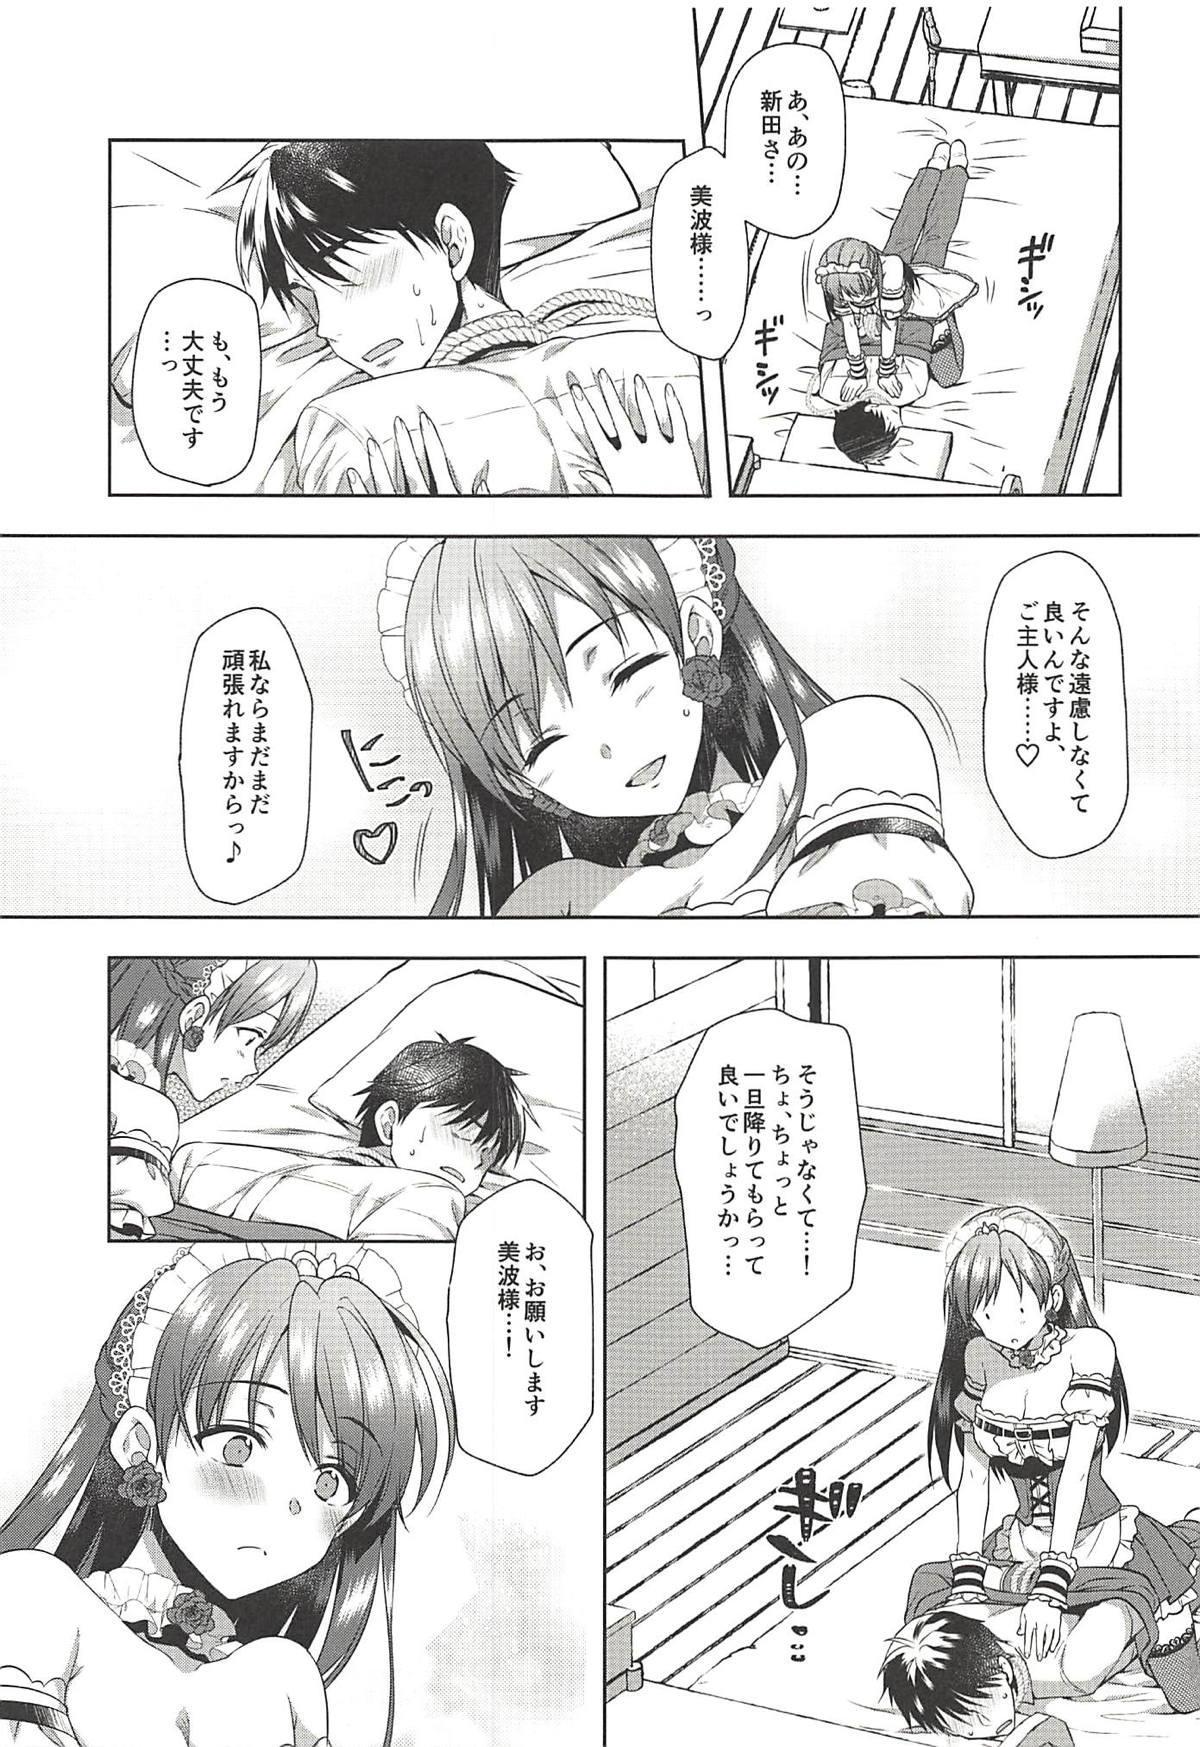 Onegaishimasu, Minami-sama! 13